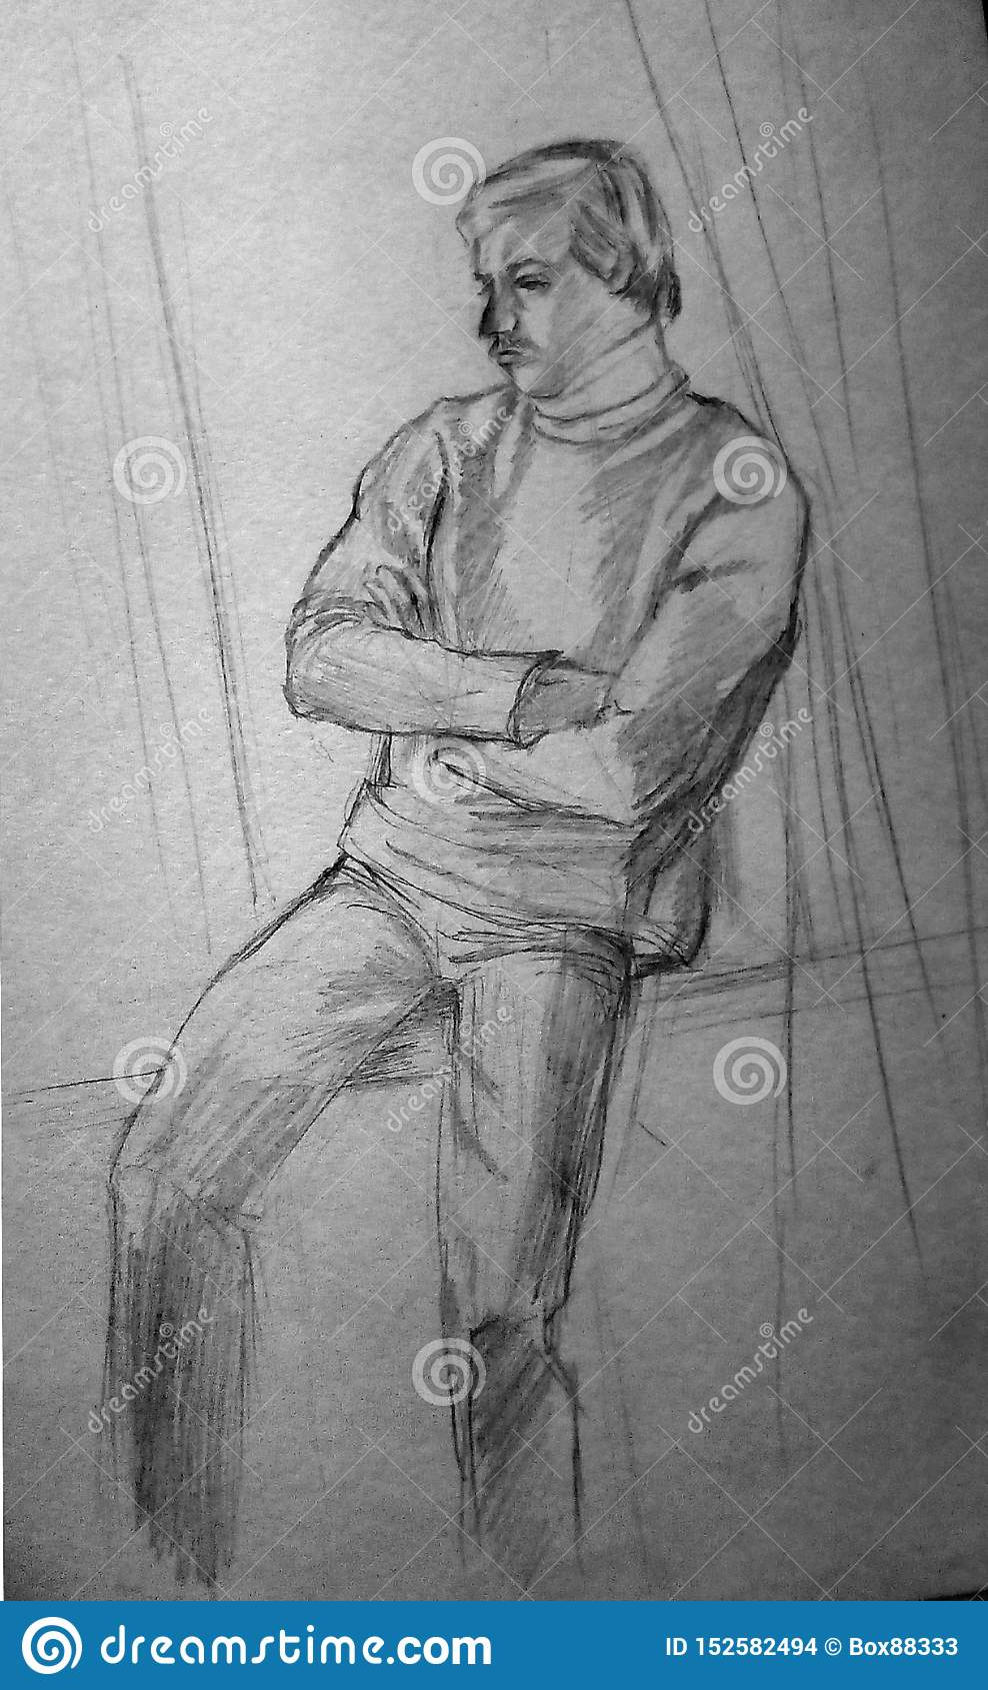 En buse skissar av en person som sitter på fönsterbrädan